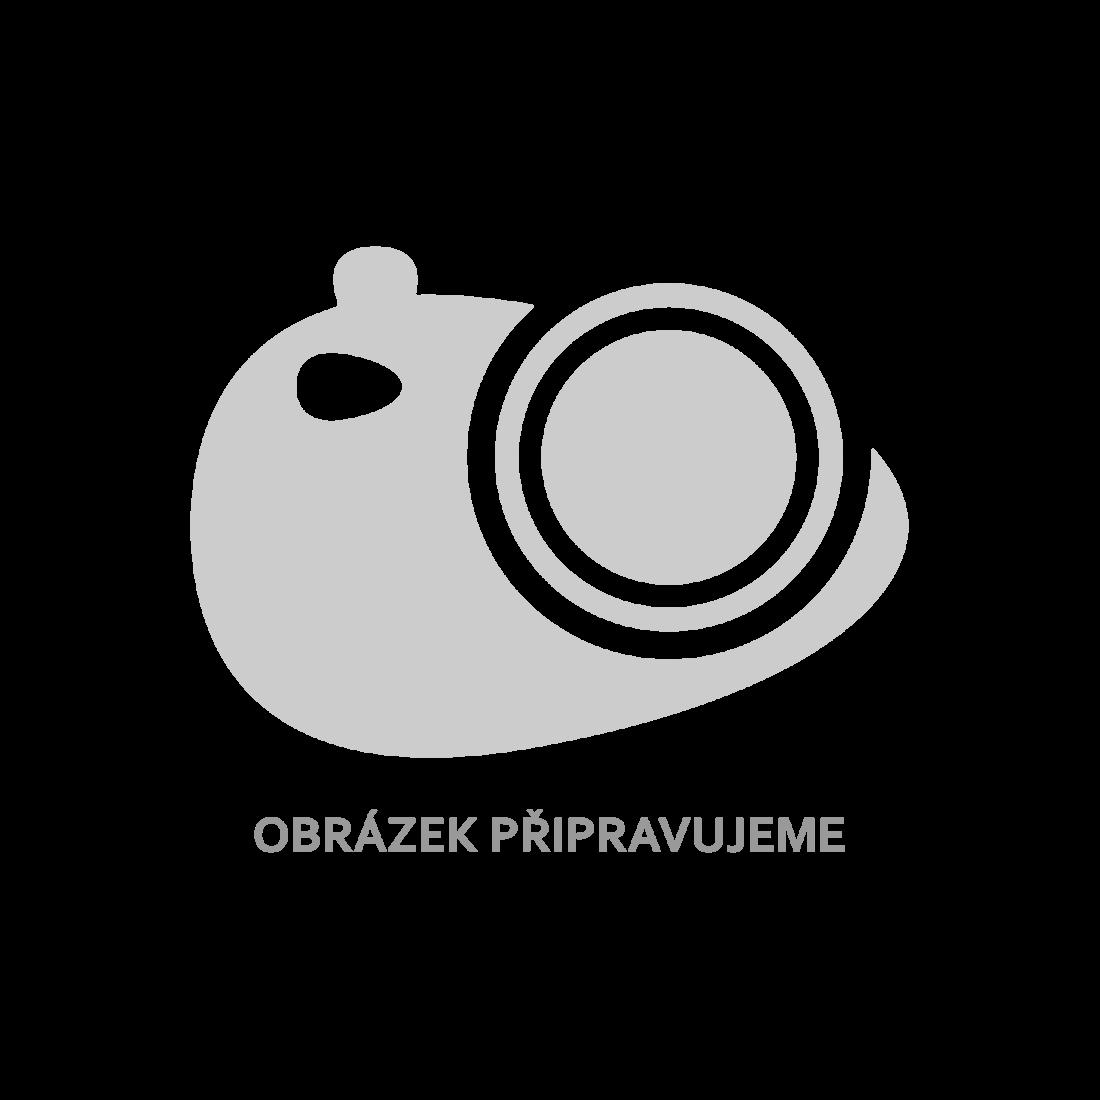 vidaXL Rohový psací stůl betonově šedý 145 x 100 x 76 cm dřevotříska [801093]